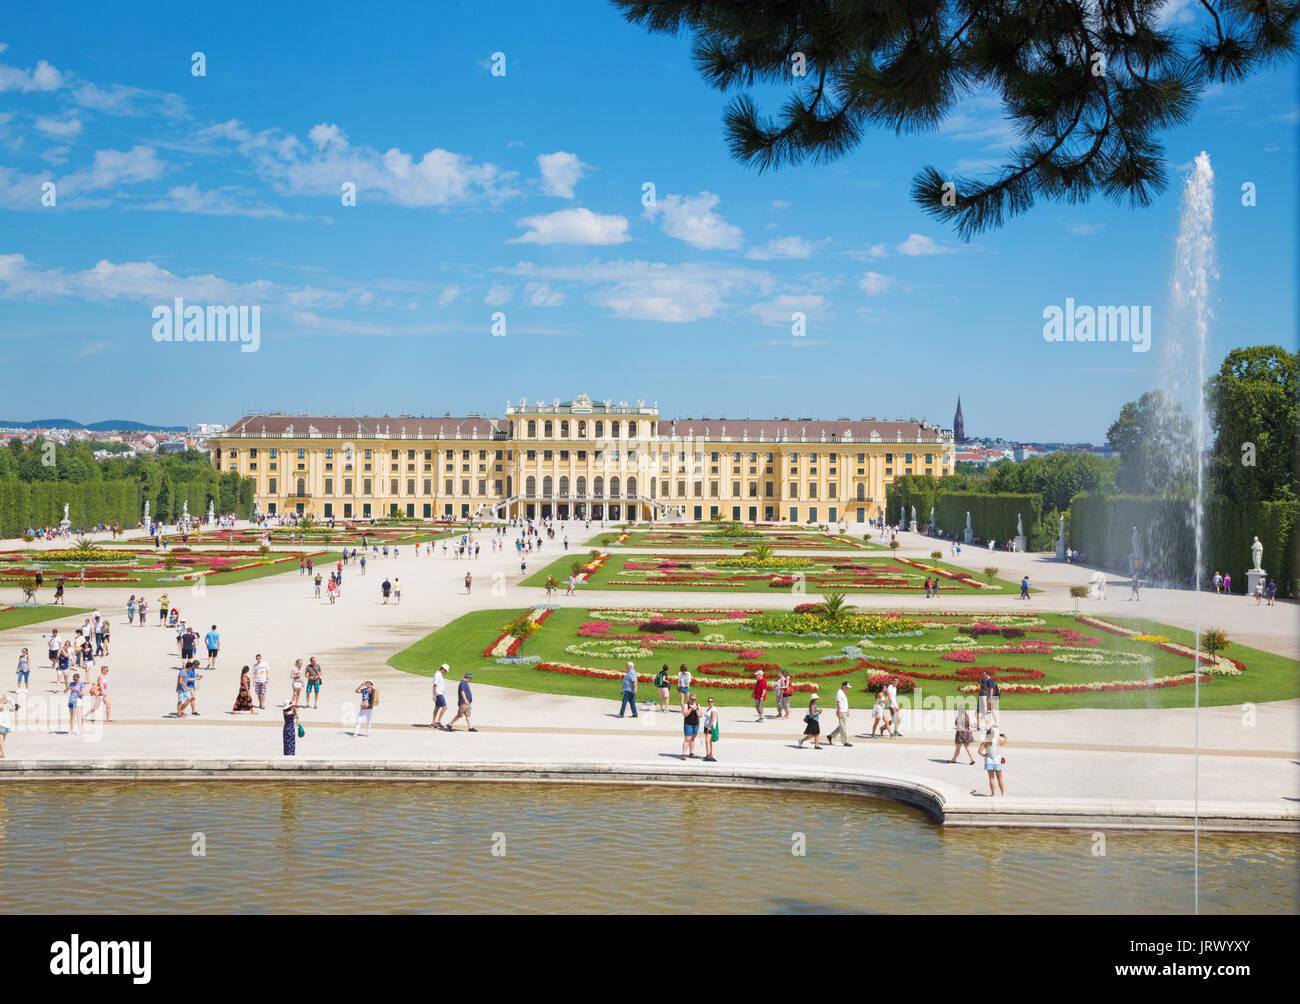 VIENNA, Austria - 30 luglio 2014: Il Palazzo di Schonbrunn e giardini dalla fontana di Nettuno. Immagini Stock